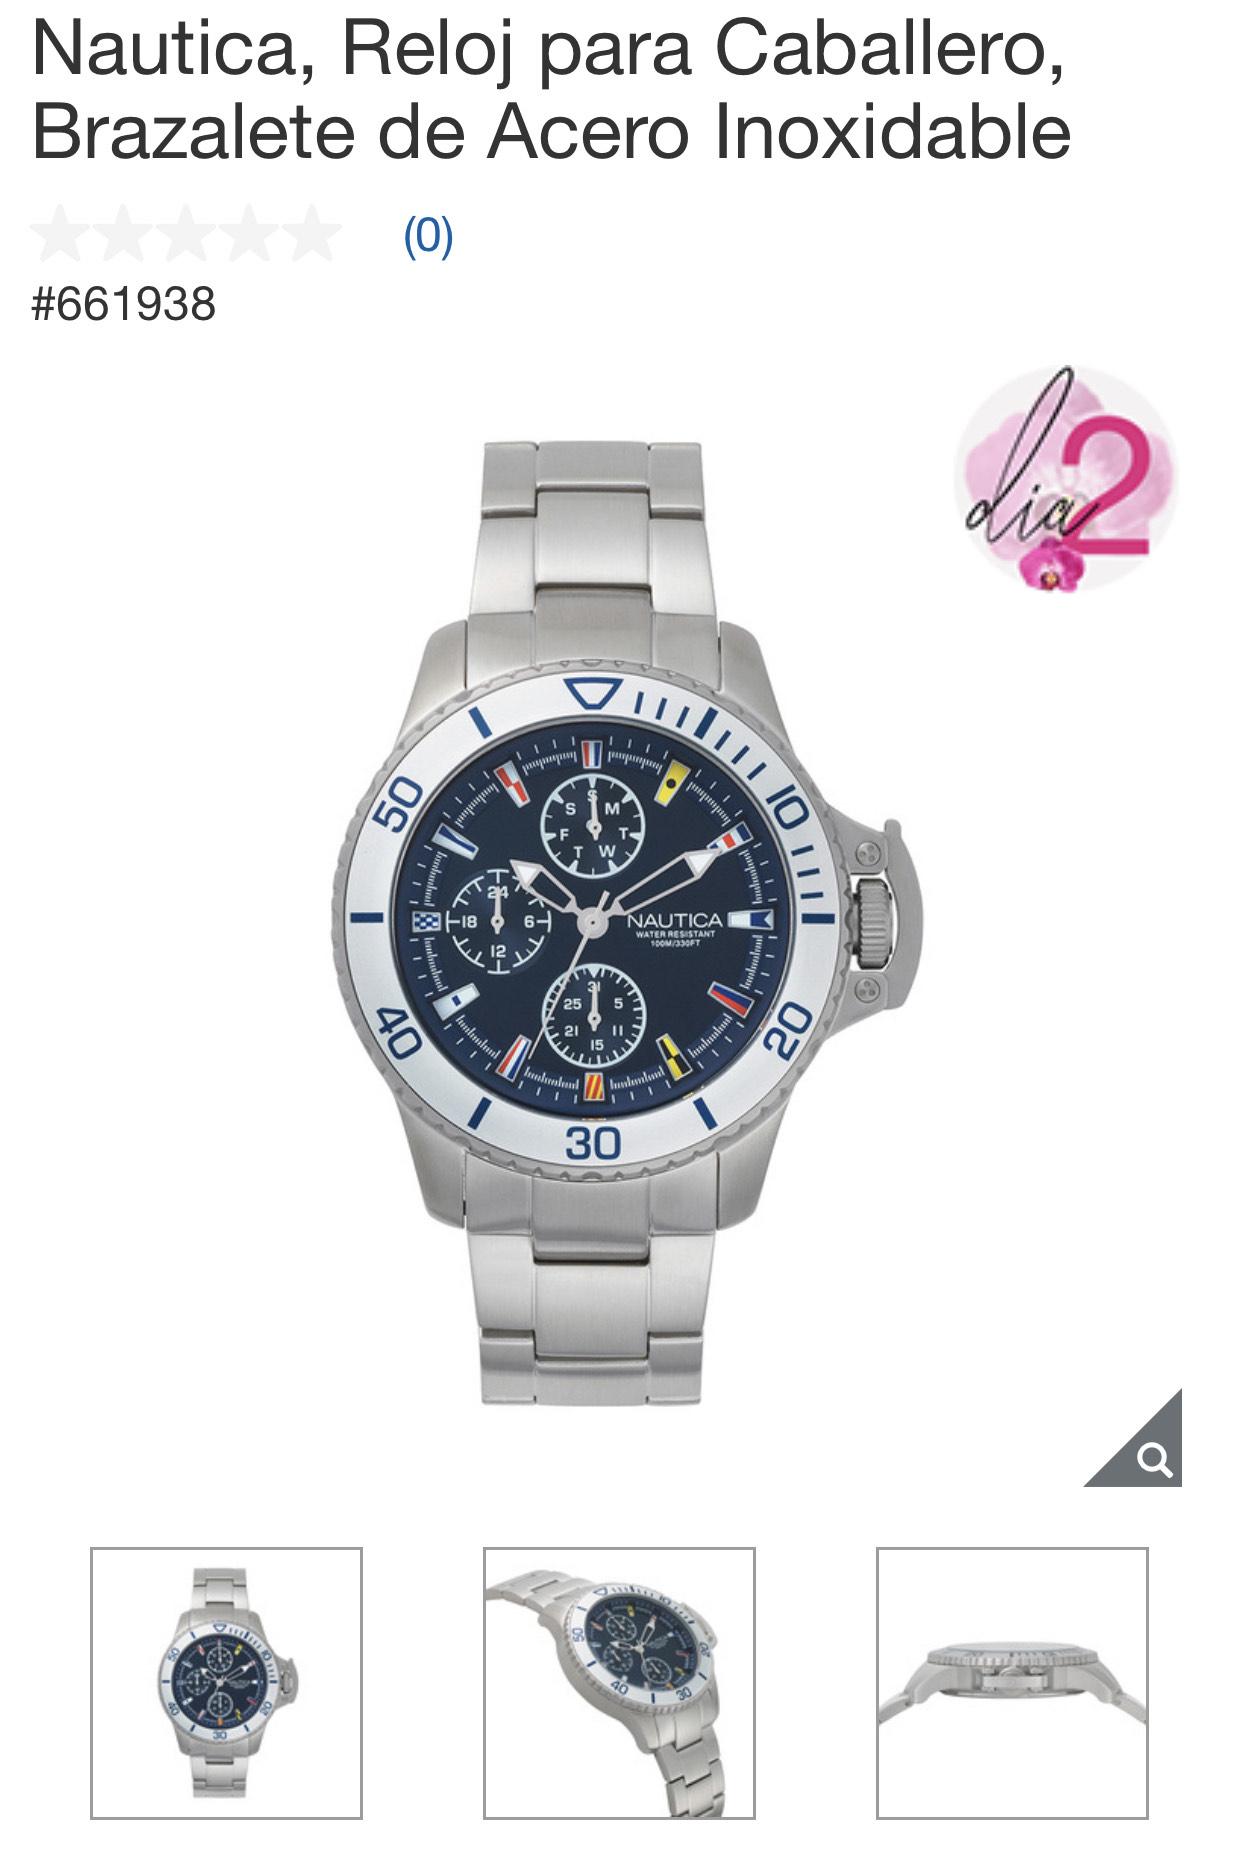 Costco: Reloj Nautica de Acero Inoxidable, para caballero, ahorras $500.00 (antes $2,999.00)